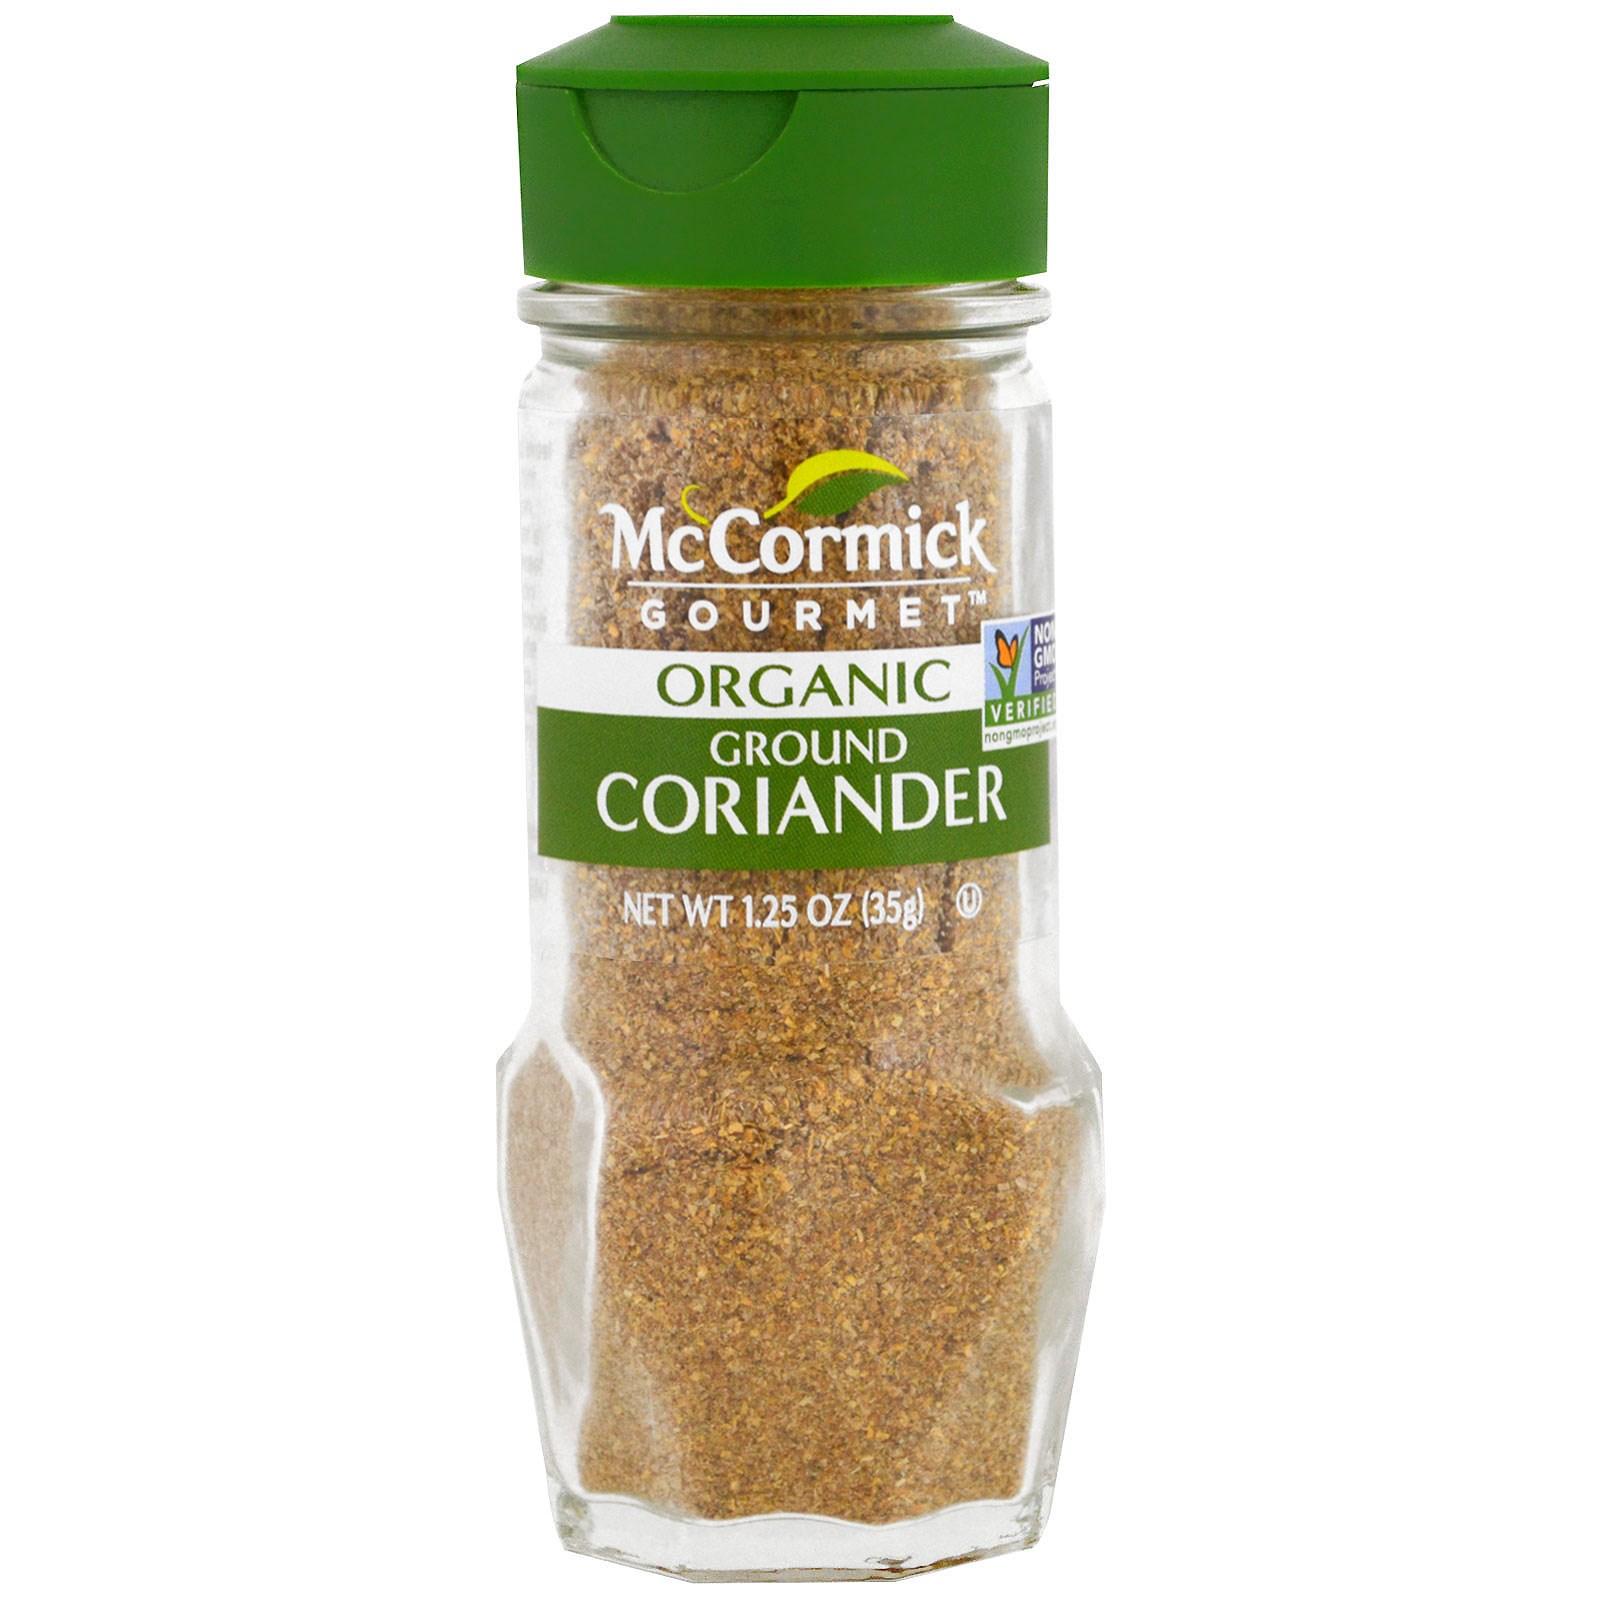 McCormick Gourmet, Органический продукт, кориандр, 35 г (1,25 унции)